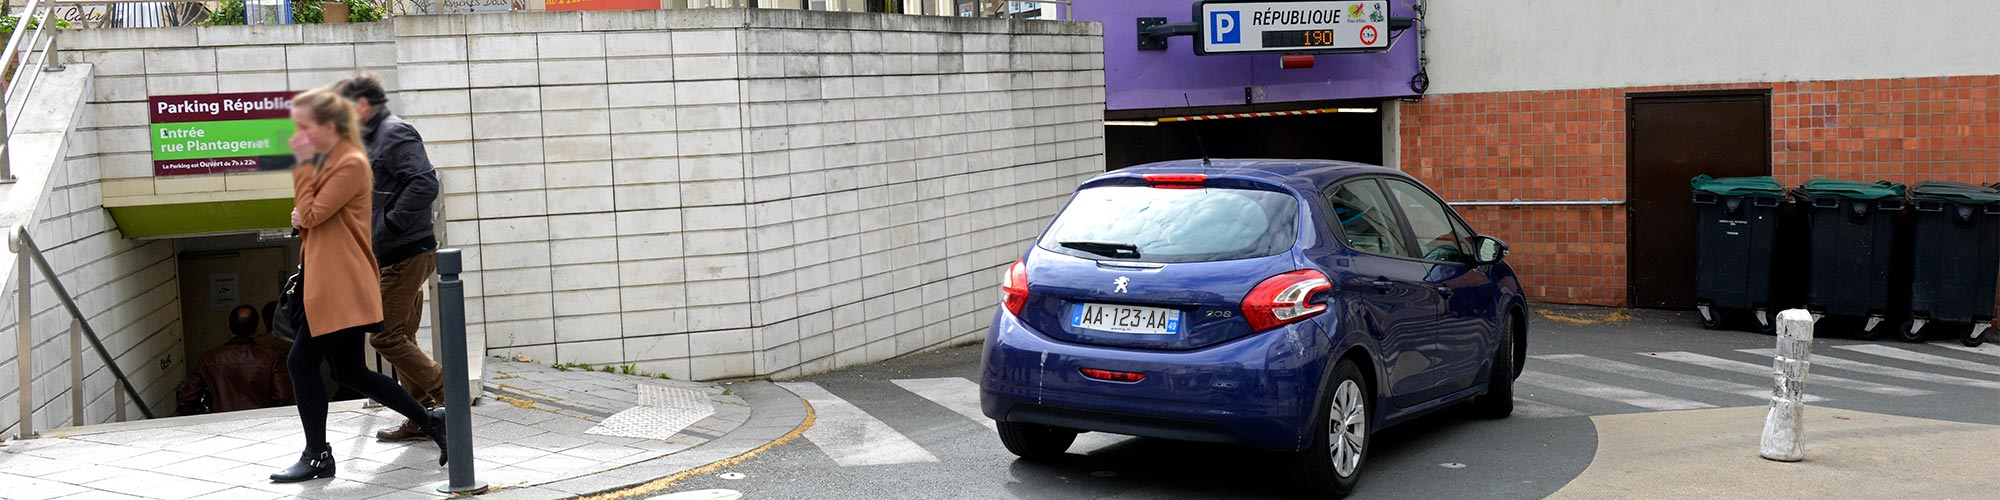 Parking République Angers